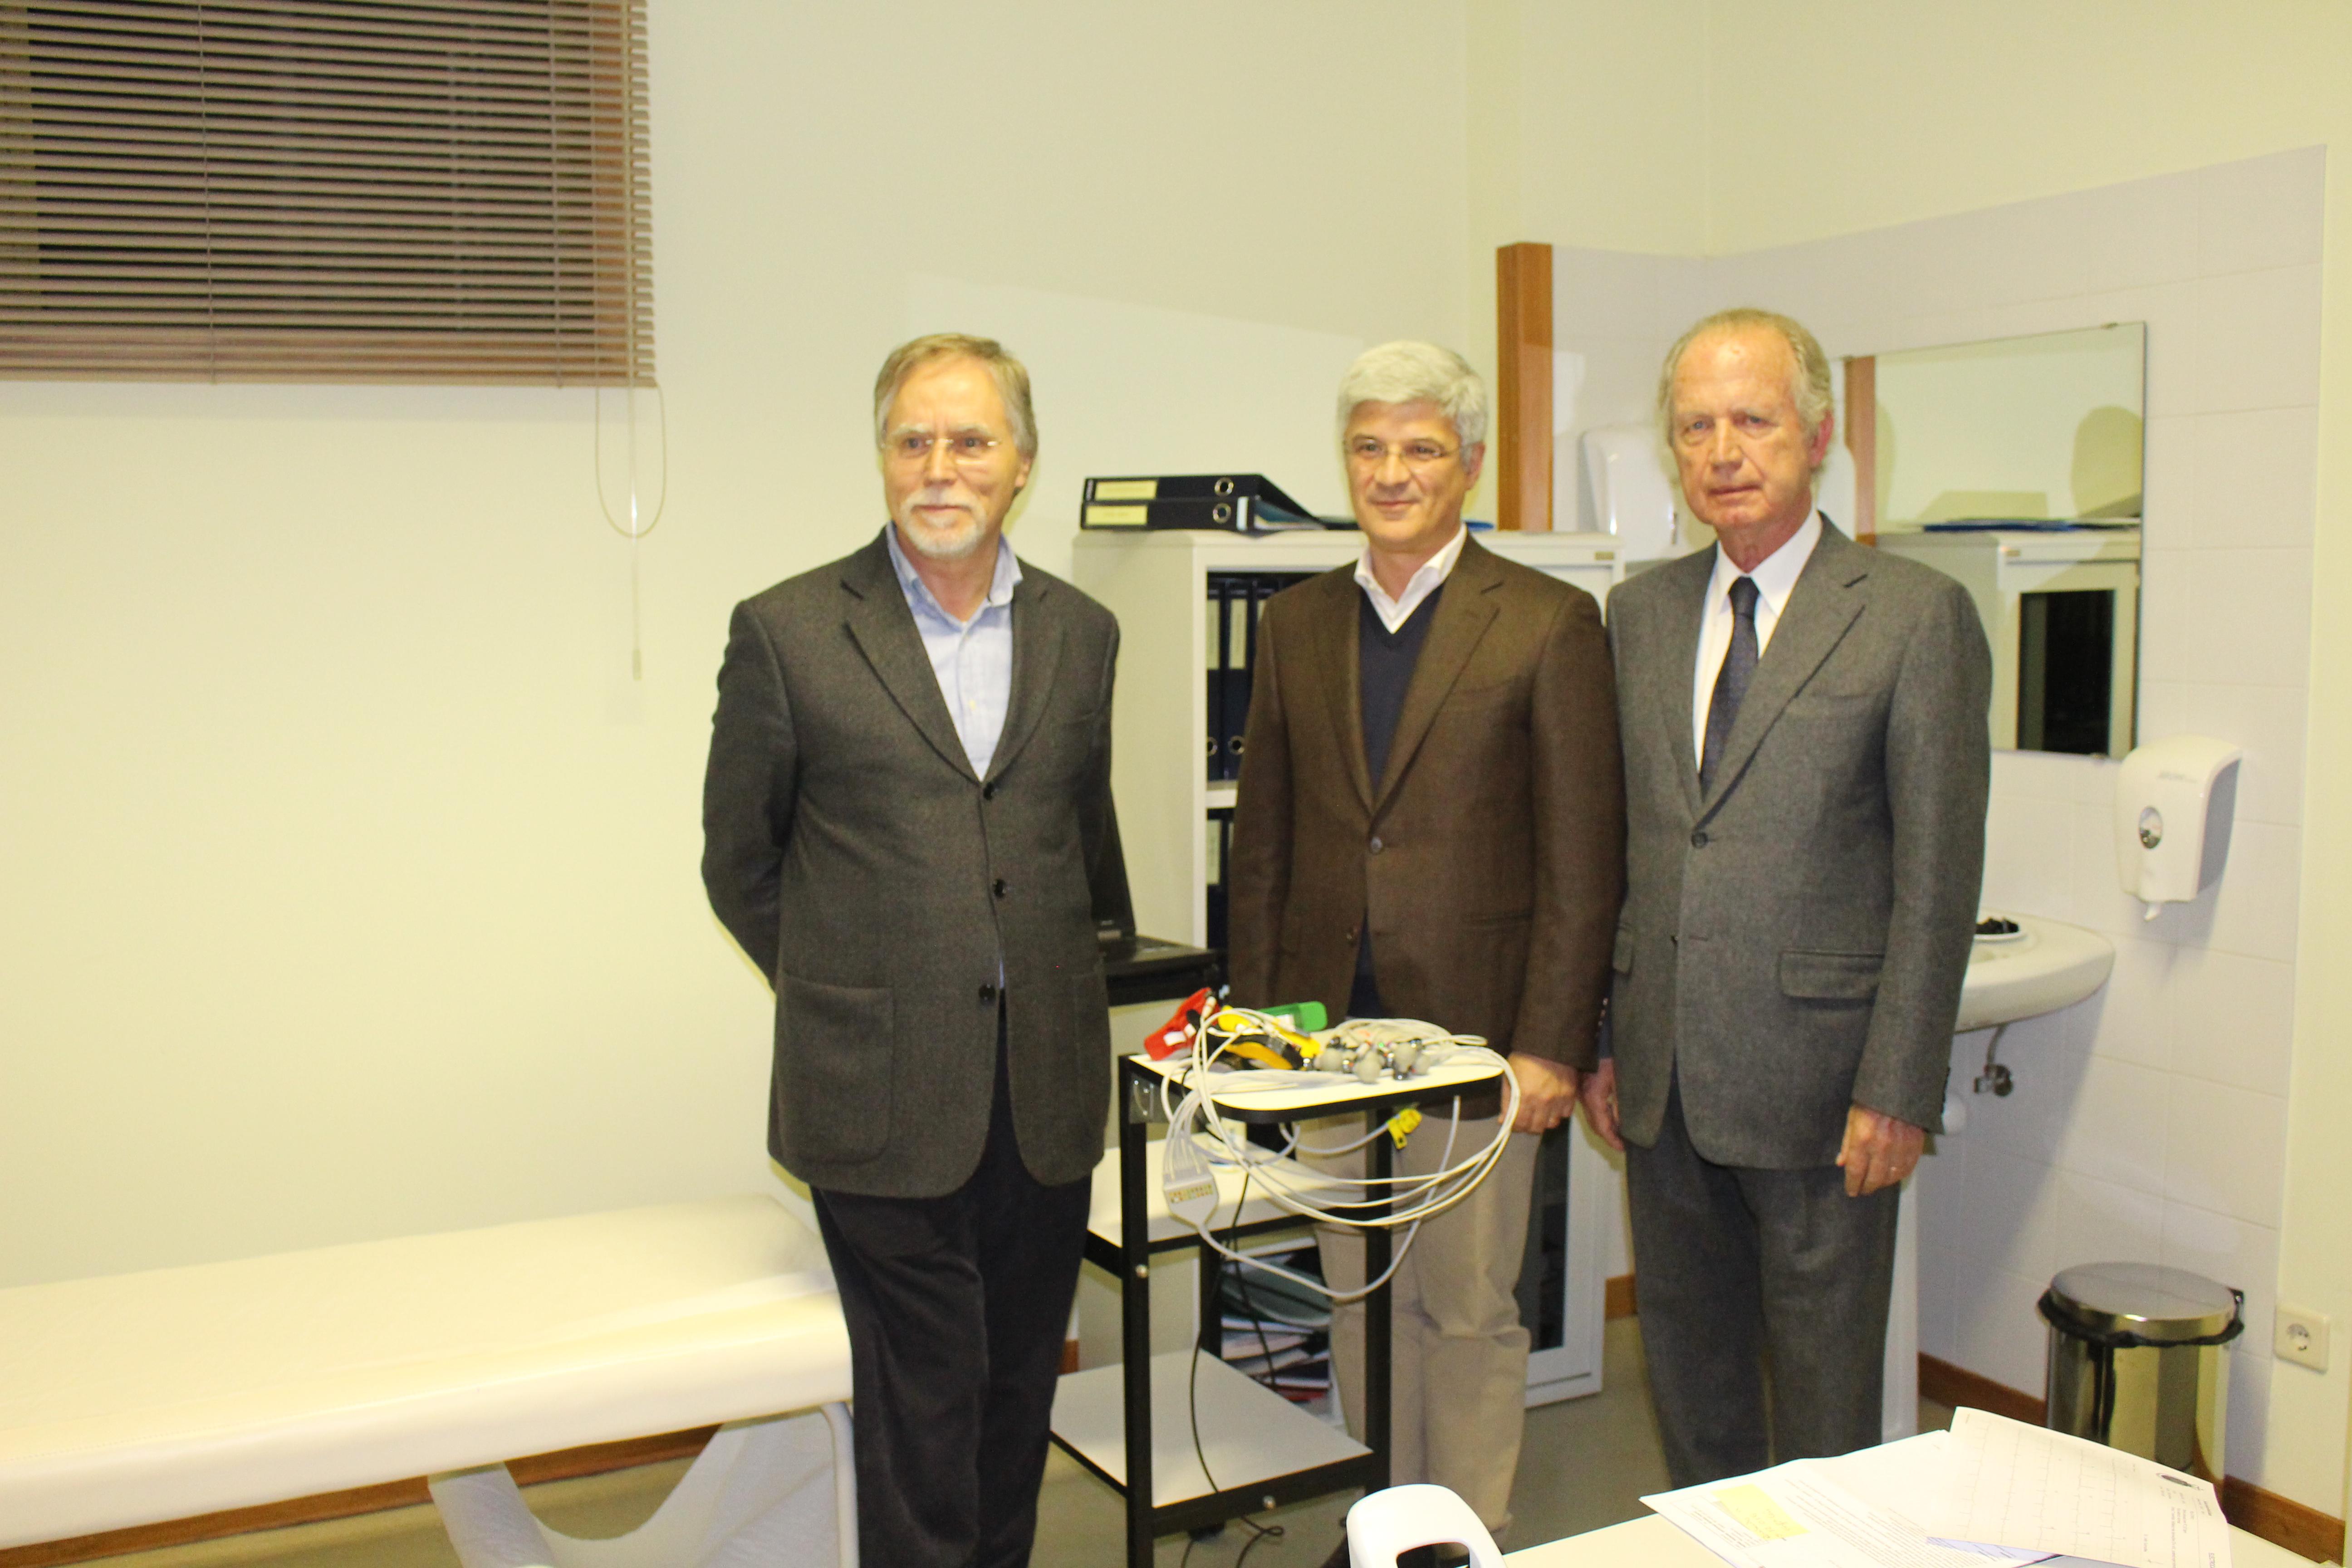 Santa Casa da Misericórdia de Vale de Cambra recebeu aparelho de eletrocardiograma inovador